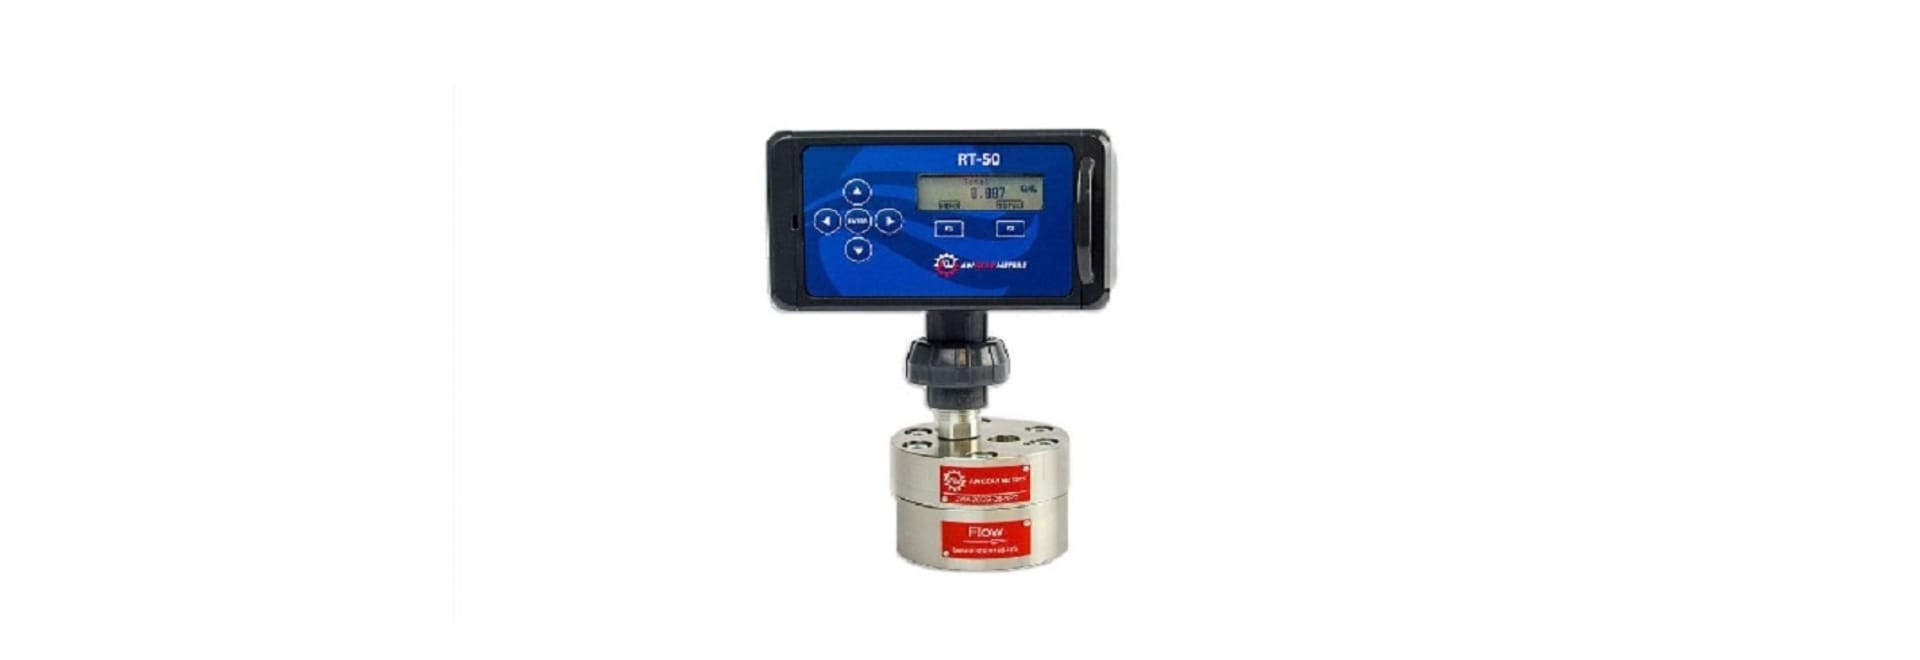 Los dispositivos Bluetooth permiten la programación remota de medidores de flujo